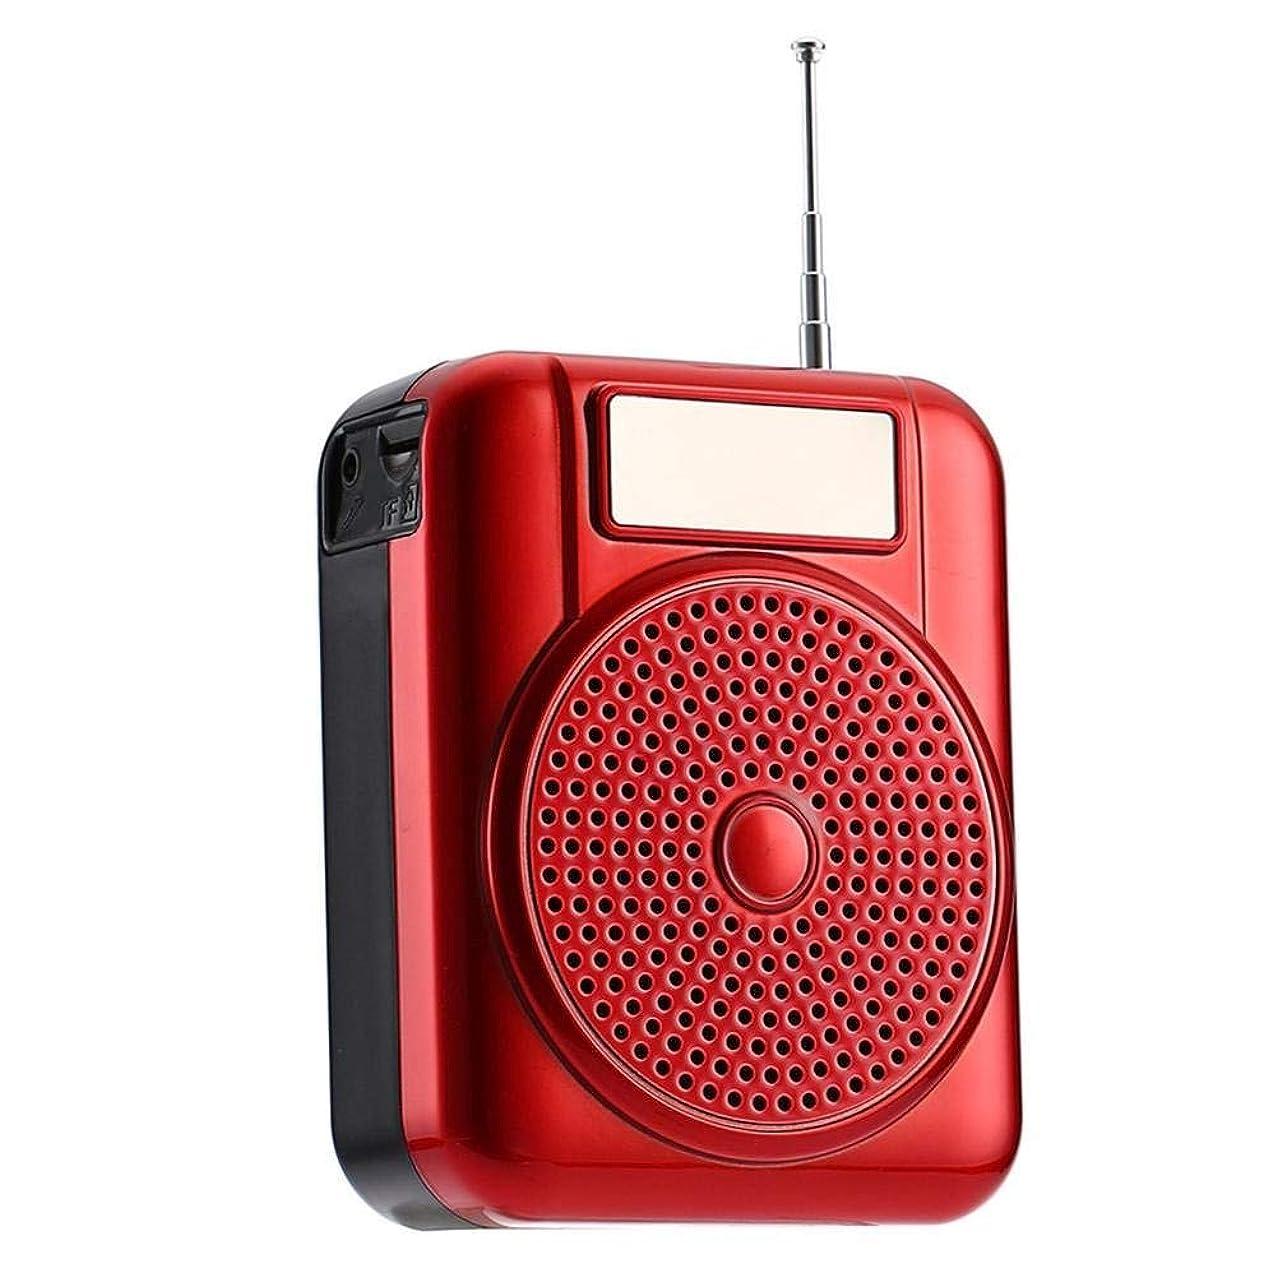 MDQ L63 多機能 AM FMポケットラジオ ポータブル FM AM SD AUX MP3ラジオ ポータブルラジオスピーカースピーカーアンプスピーカー (レッド)